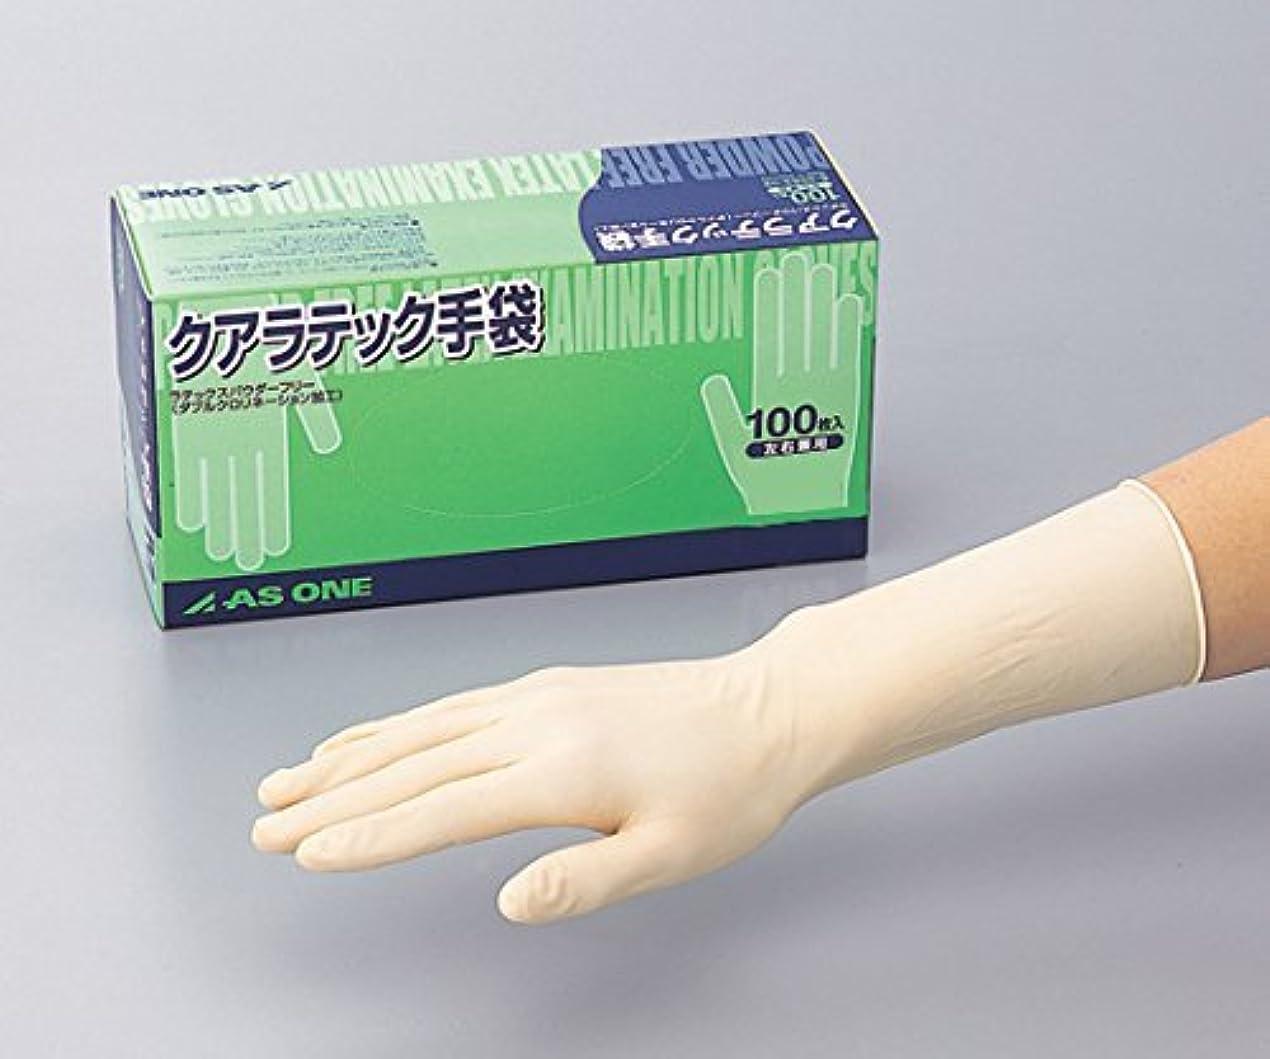 ジャニス道徳の人類アズワン8-4053-01クアラテック手袋(DXパウダーフリー)L1箱(100枚入)